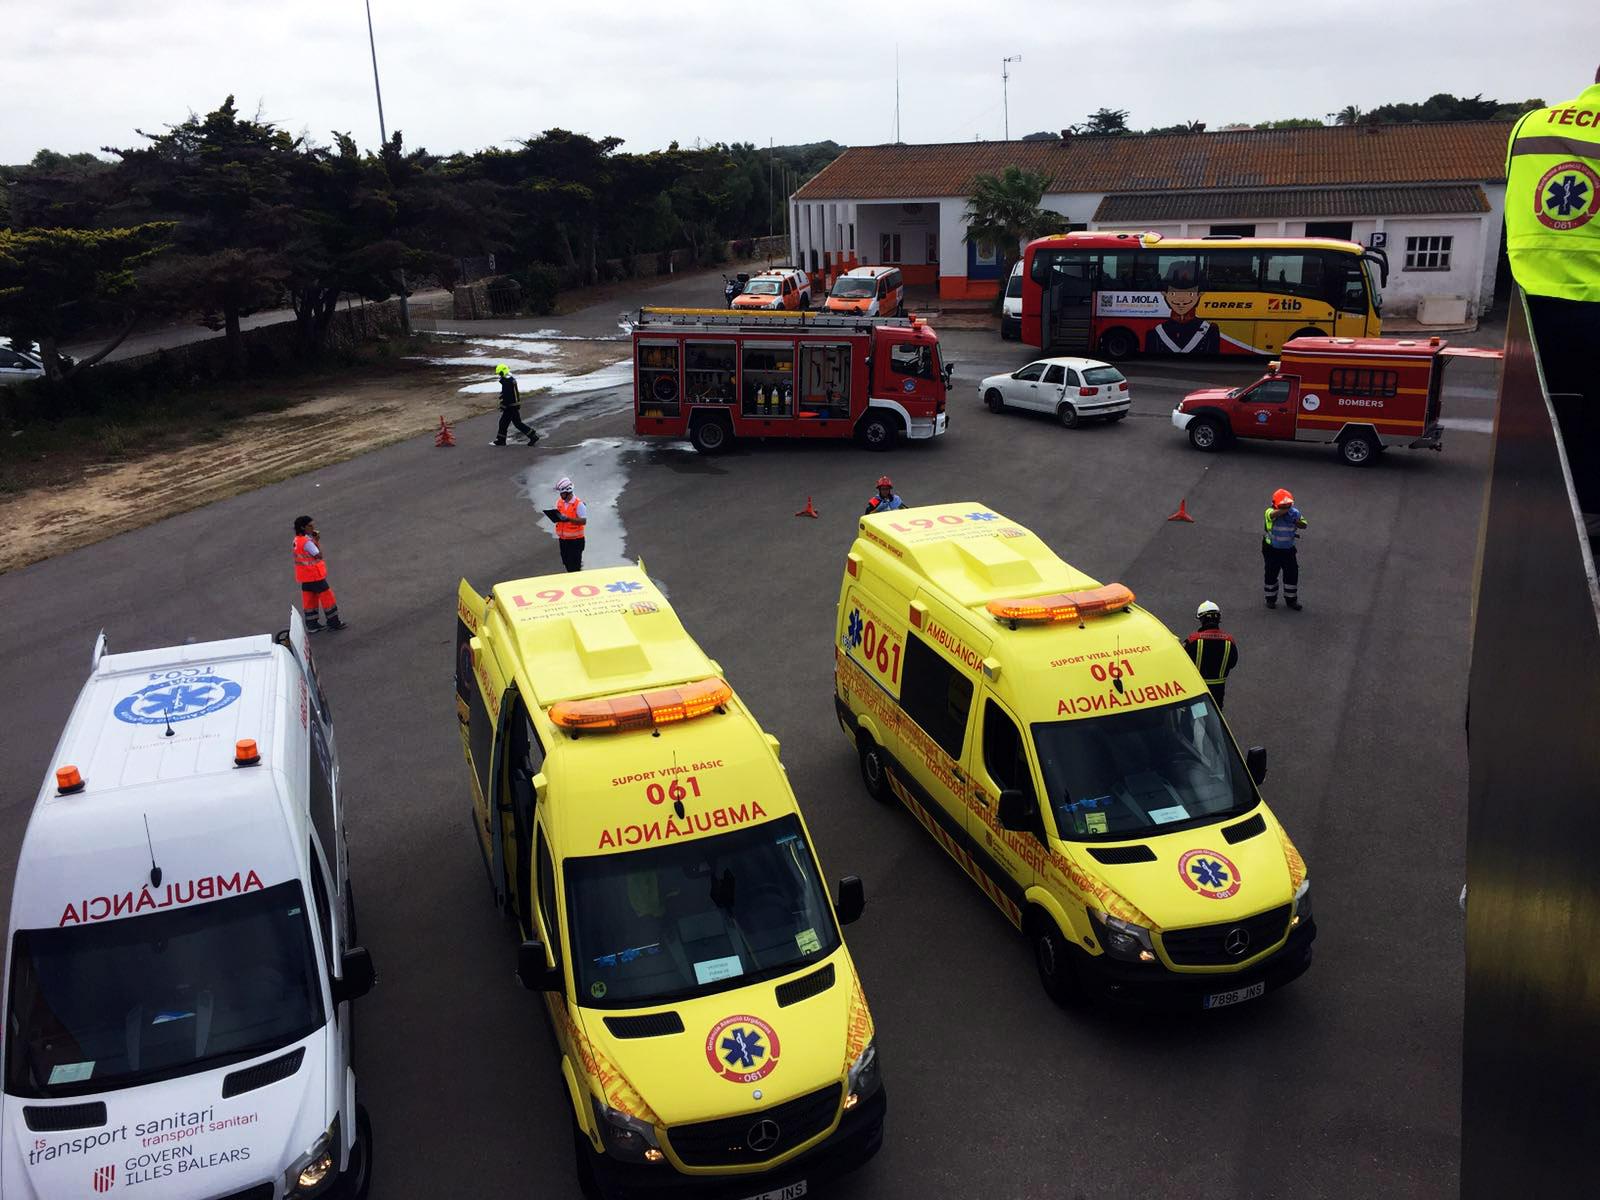 Un simulacro de la colisión de un autobús en Menorca consigue coordinar los principales servicios de emergencias